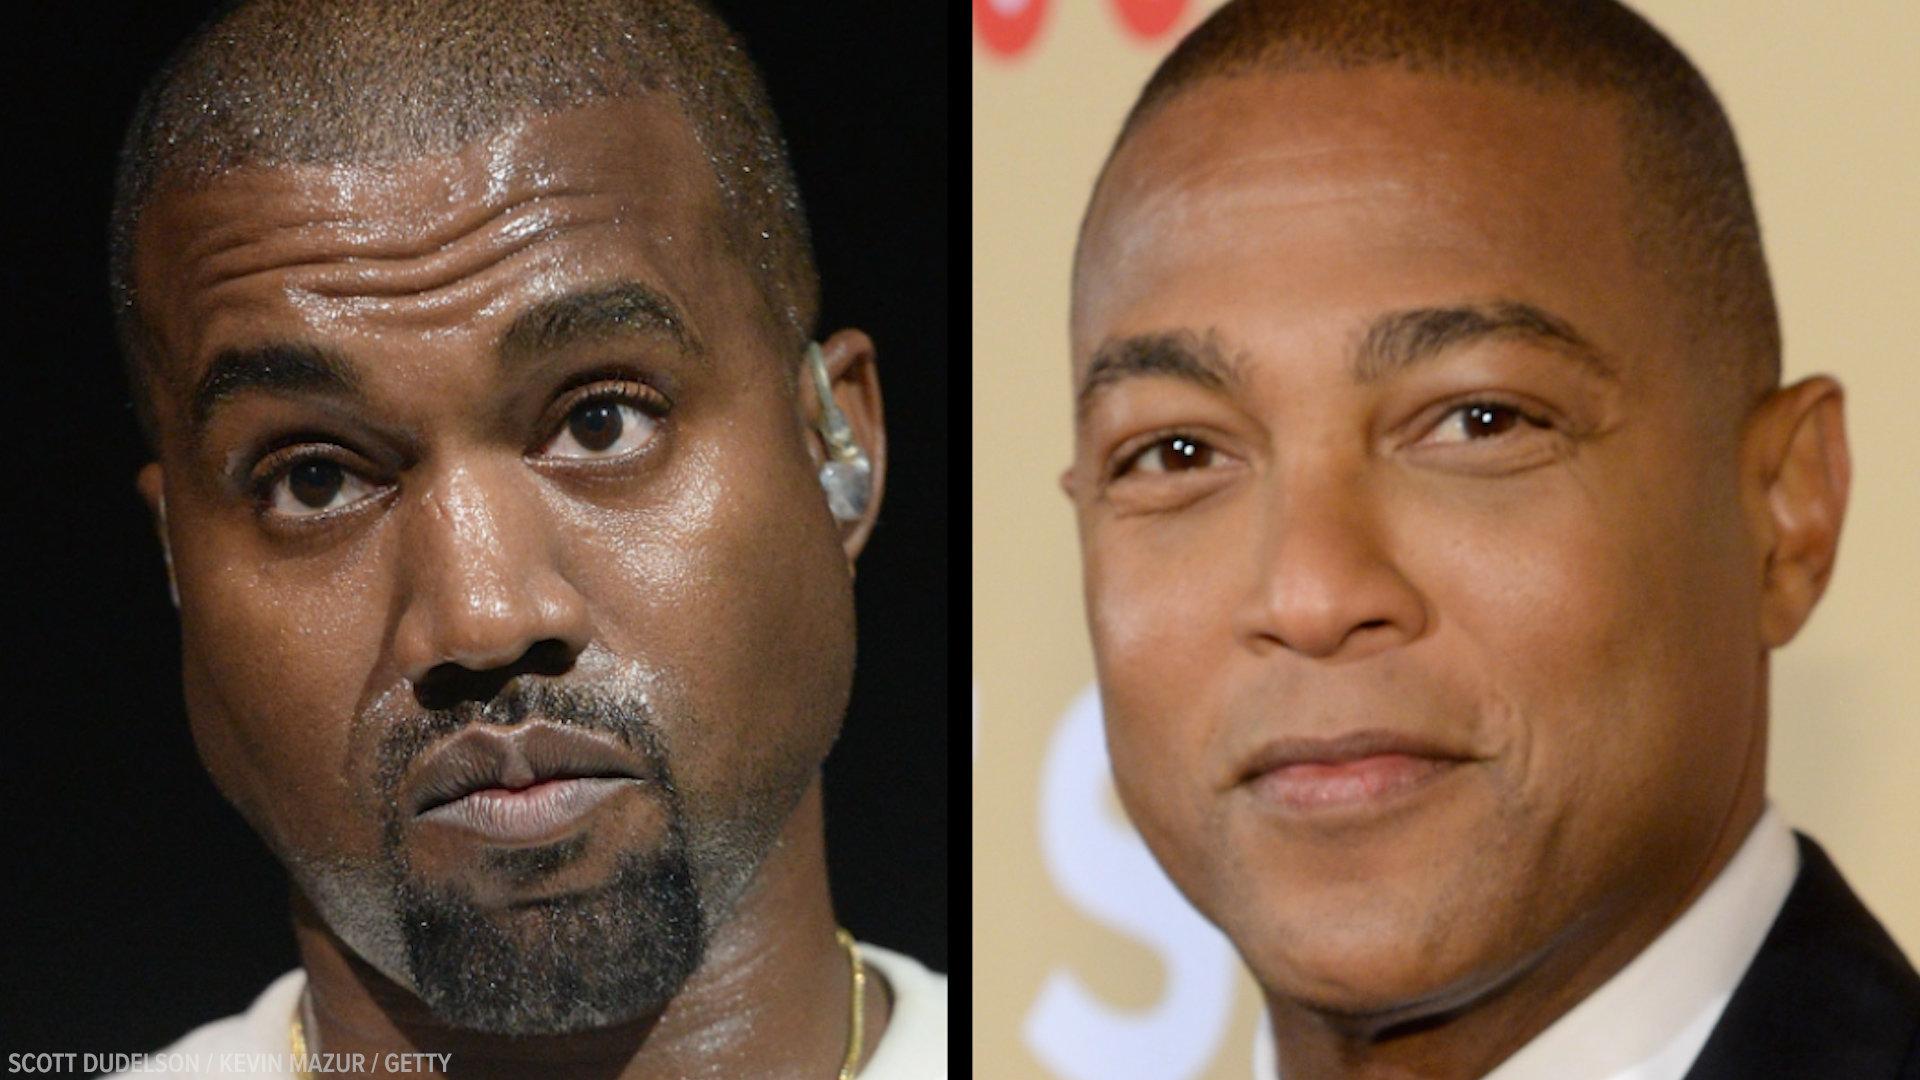 Kanye West / Don Lemon